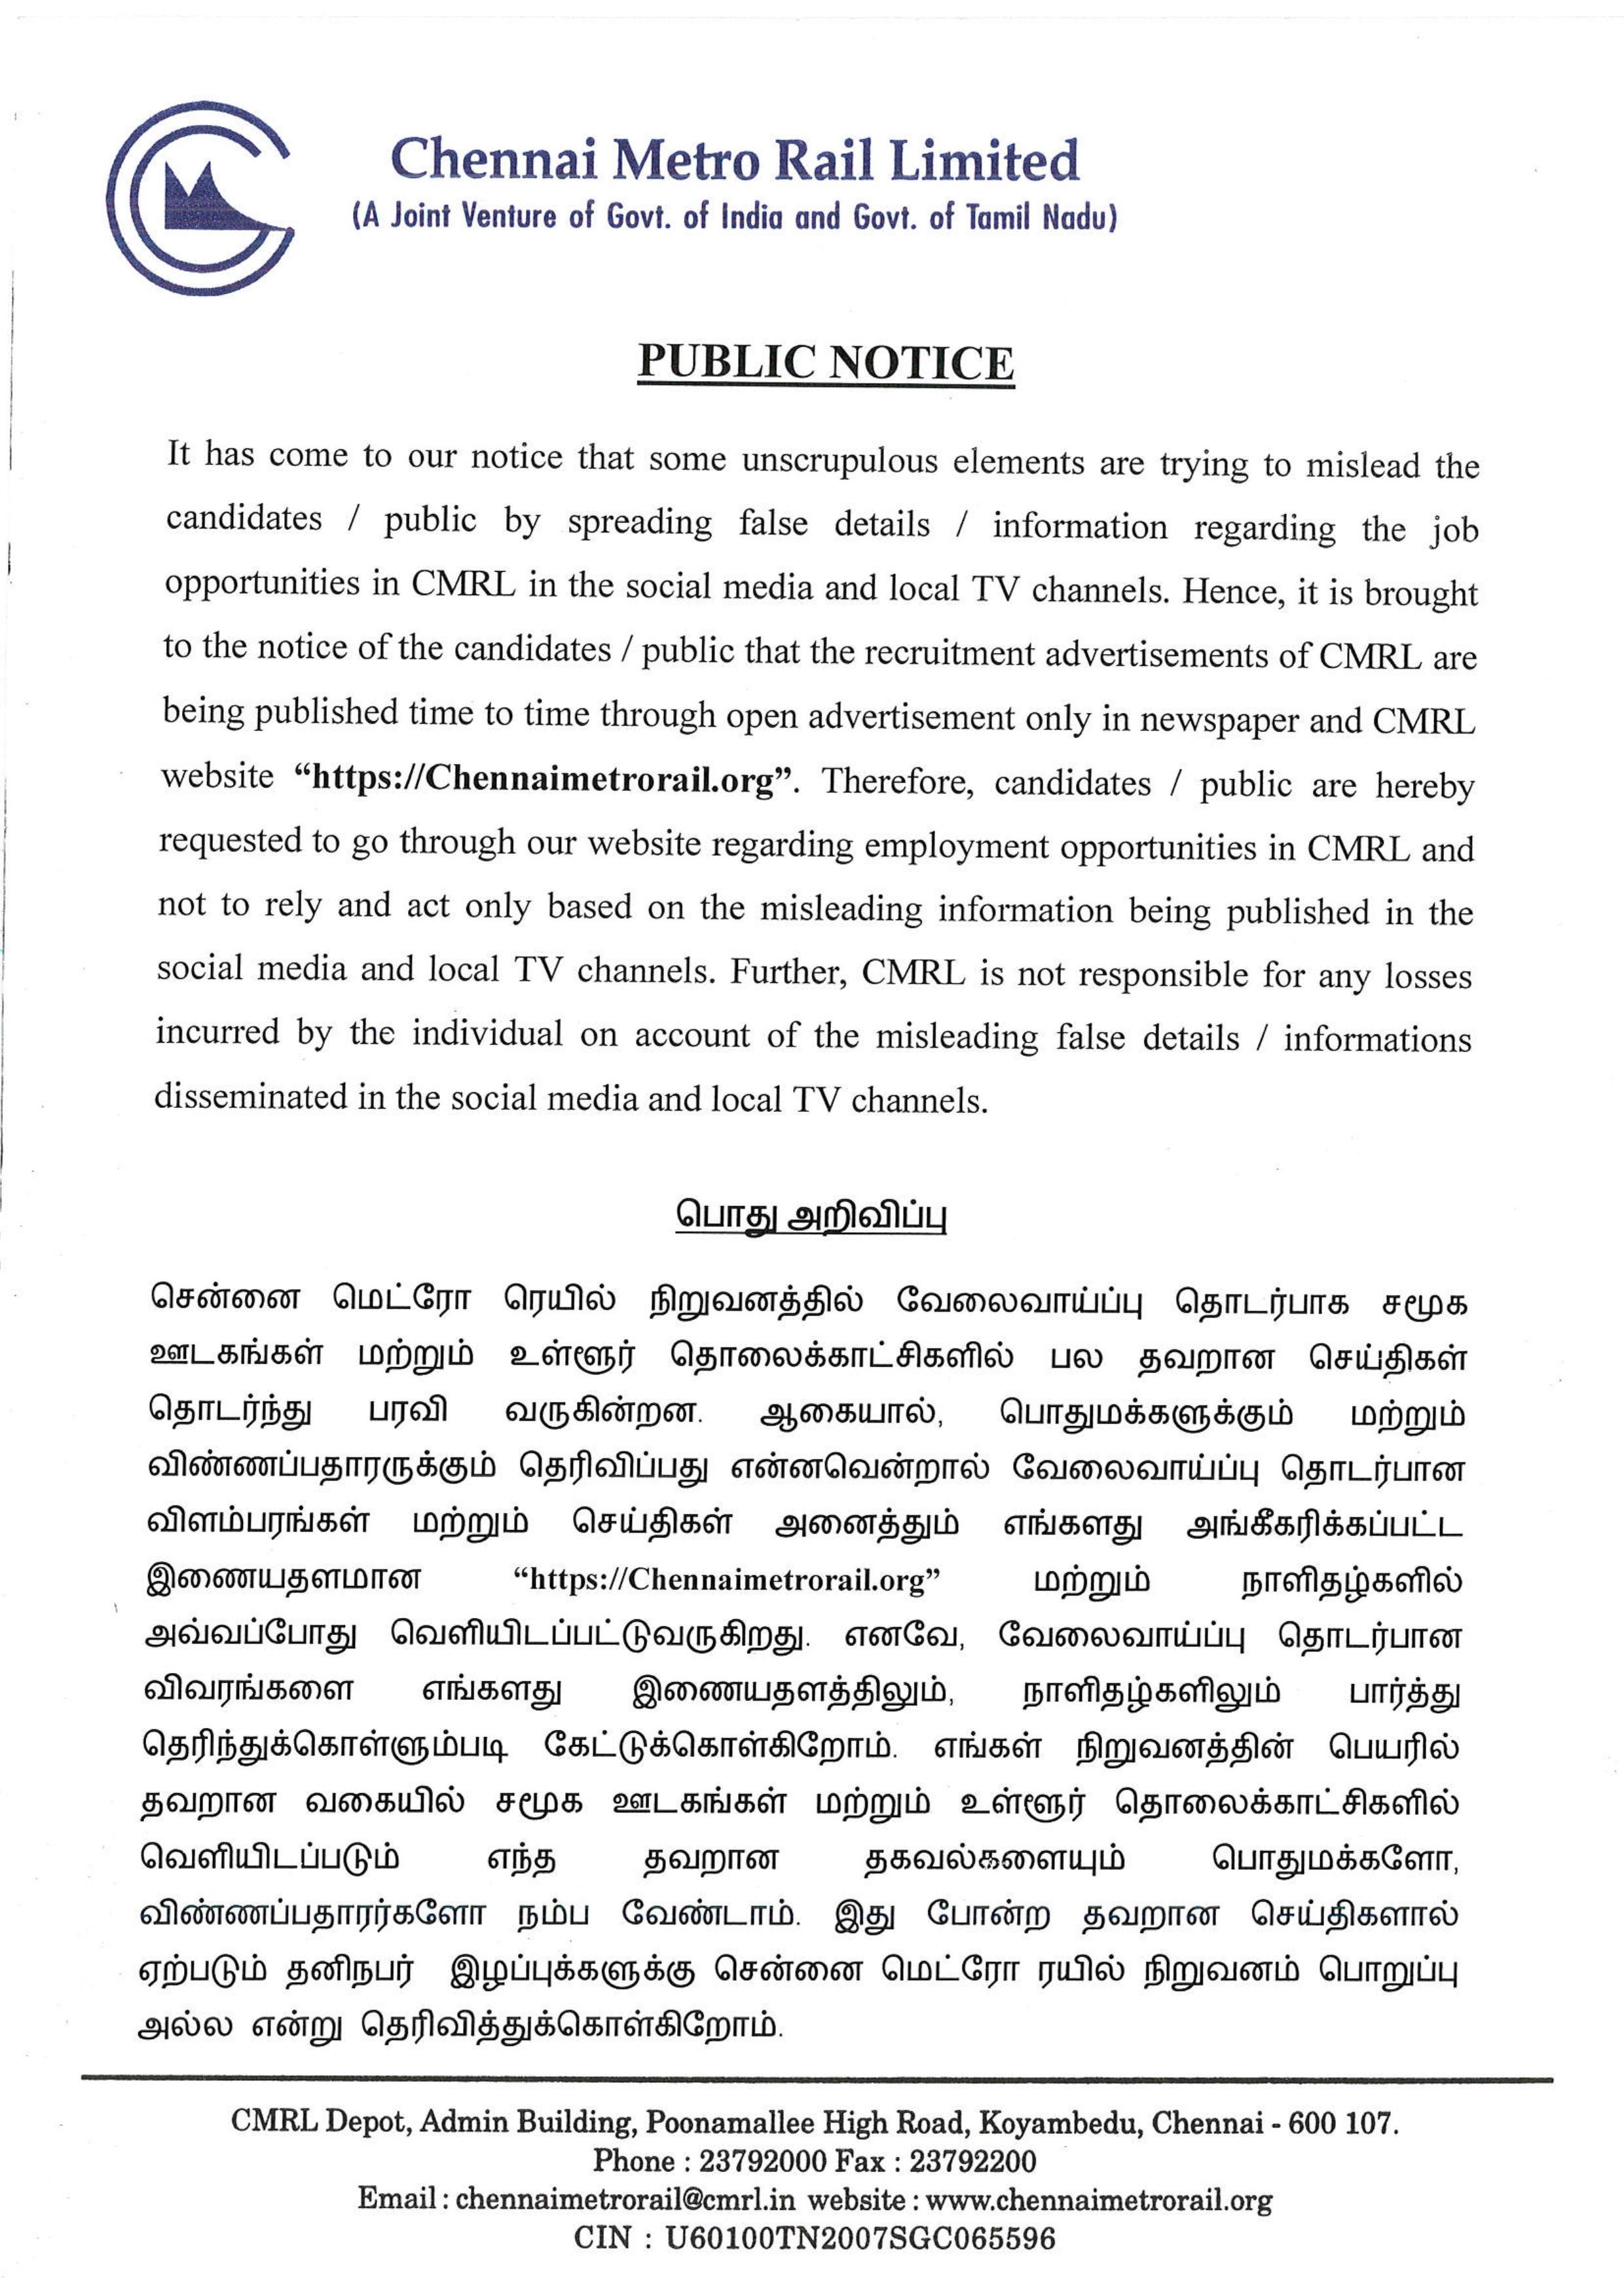 CMRL - WELCOME TO CHENNAI METRO RAIL